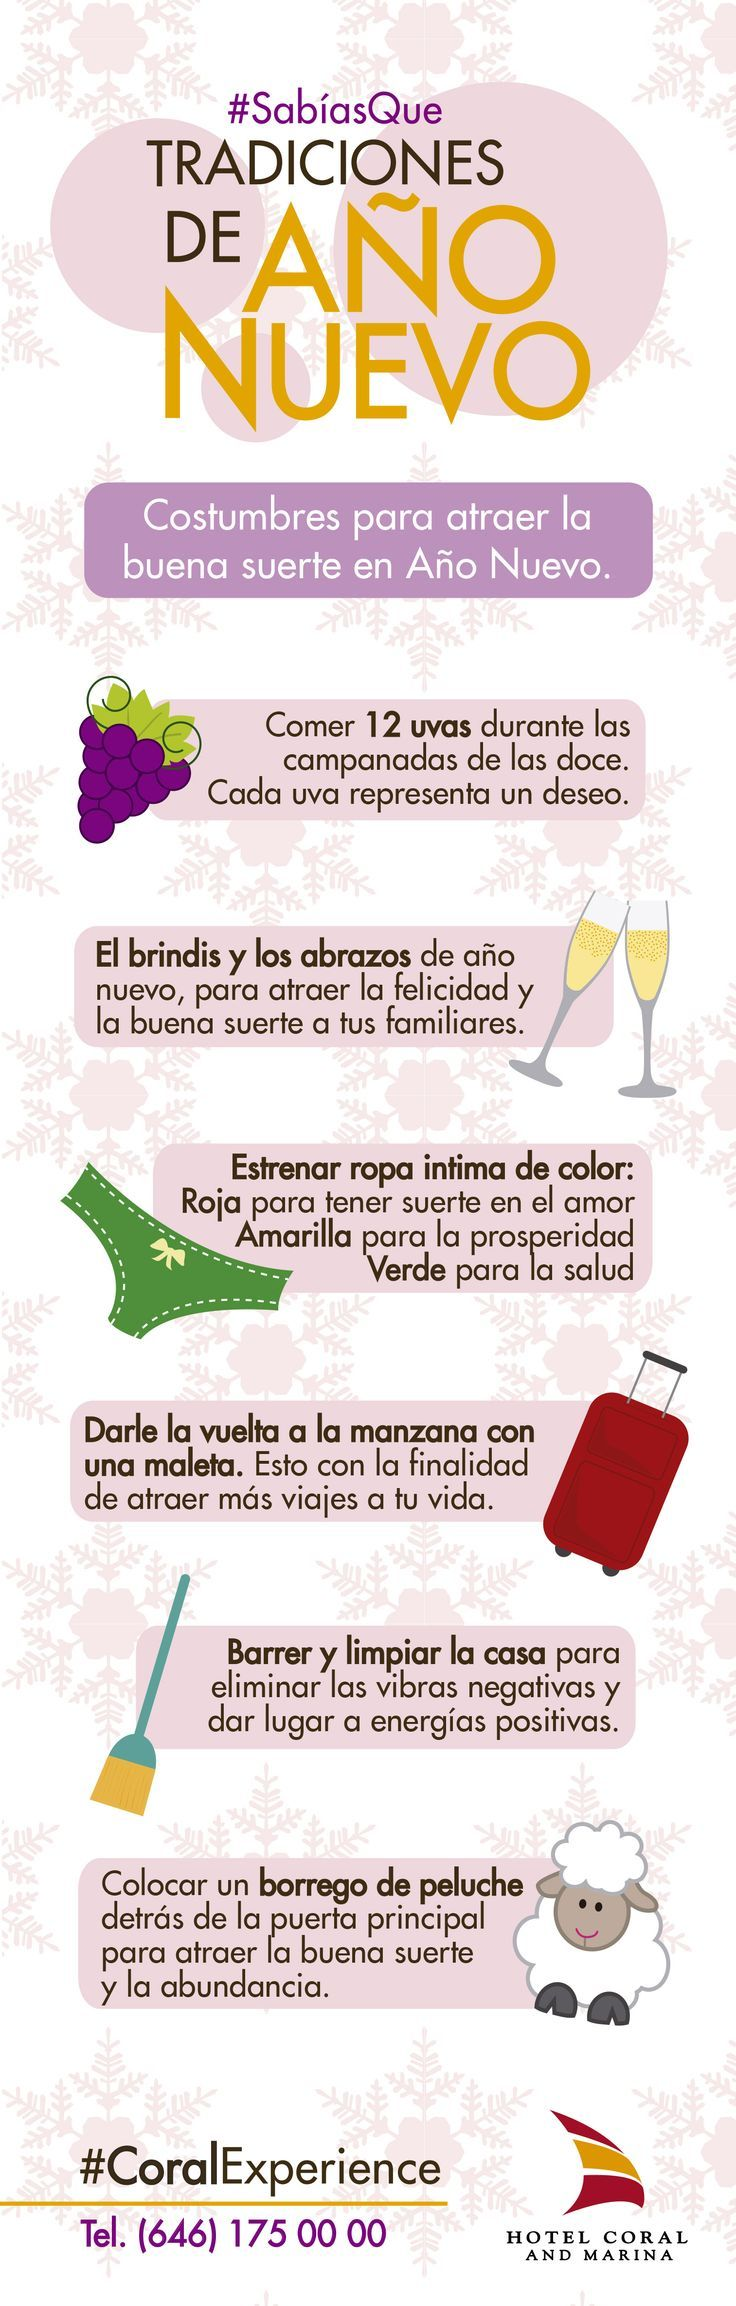 Tradiciones del año nuevo